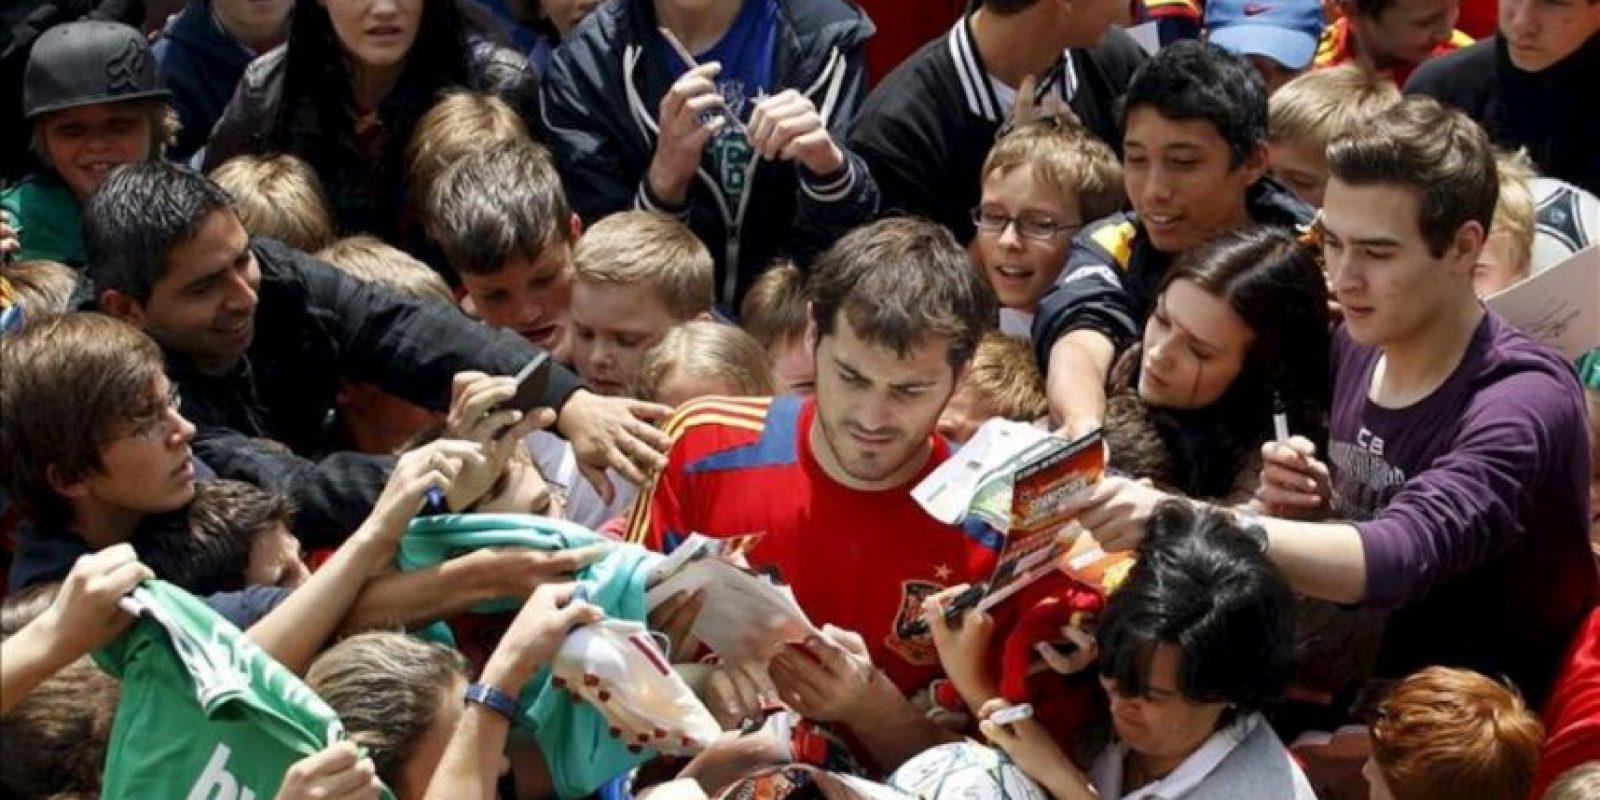 """El guardameta y capitán de la selección española de fútbol Iker Casillas firma autógrafos tras la """"invasión"""" de los aficionados del terreno de juego donde el combinado español entrenó hoy en la localidad austríaca de Schruns dentro de su preparación para la Eurocopa 2012. EFE"""